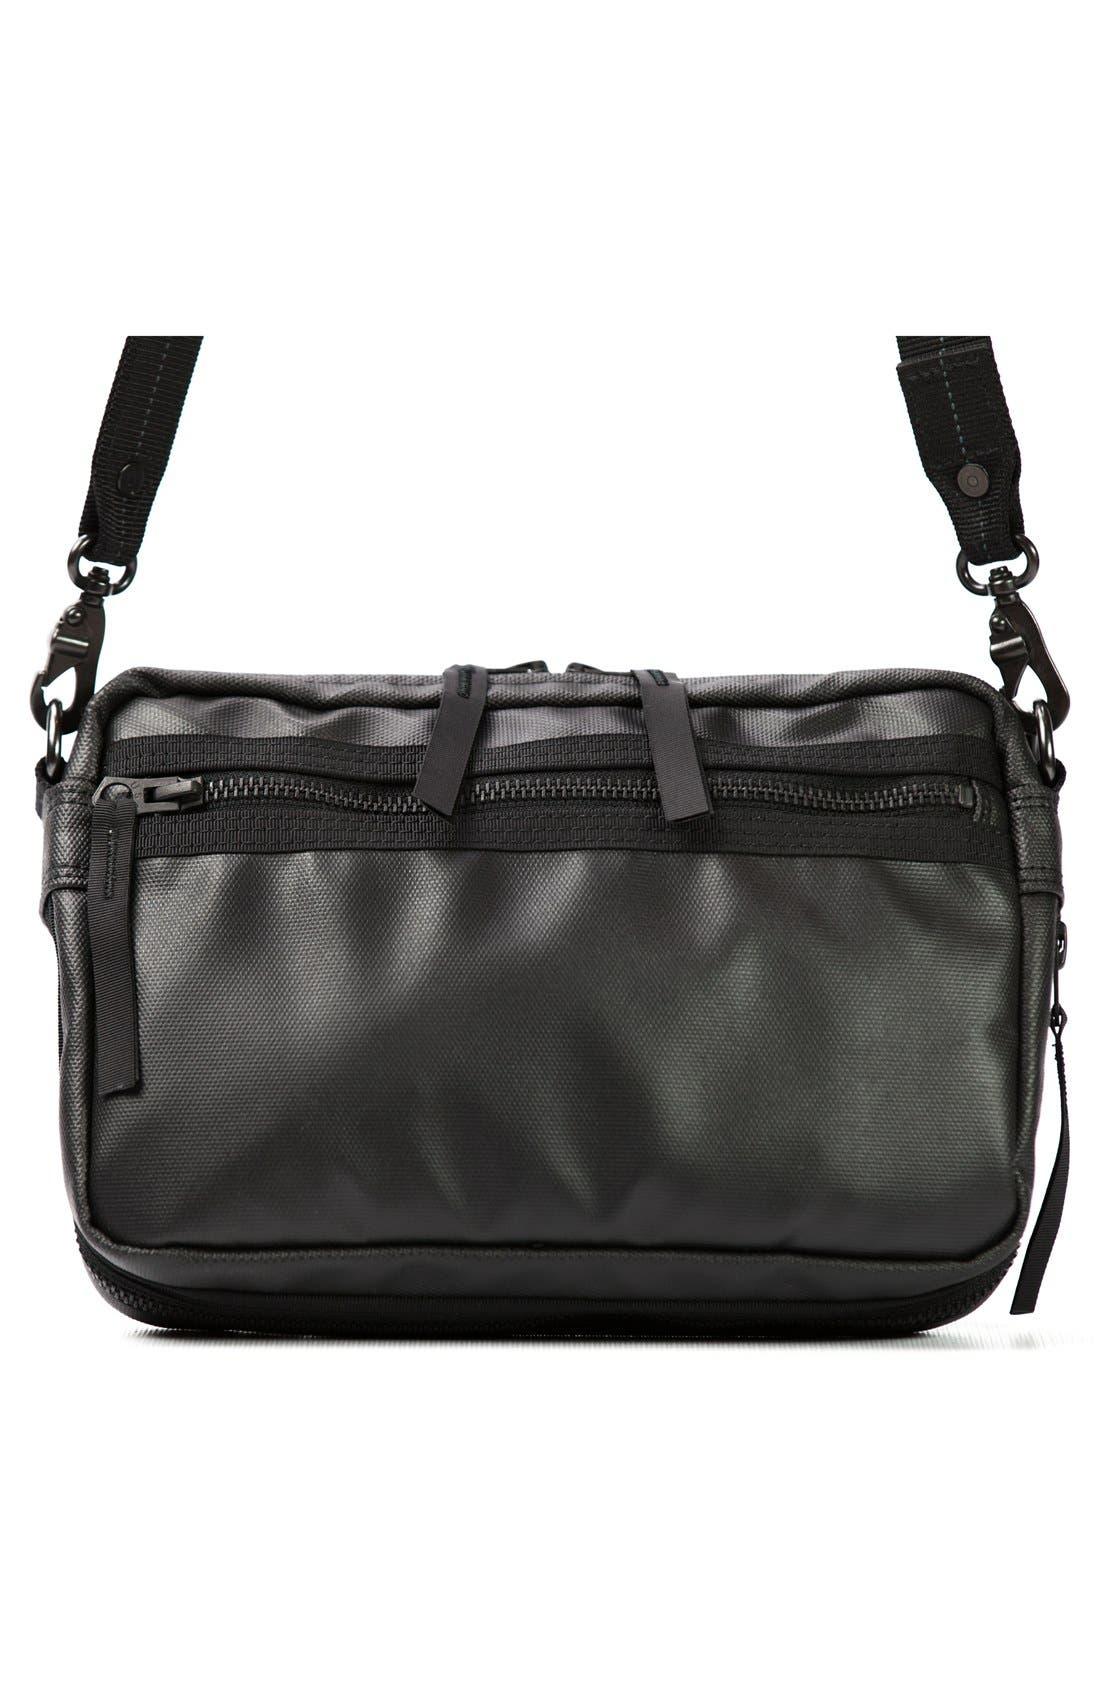 'NightHawk' Shoulder Bag,                             Alternate thumbnail 2, color,                             Black